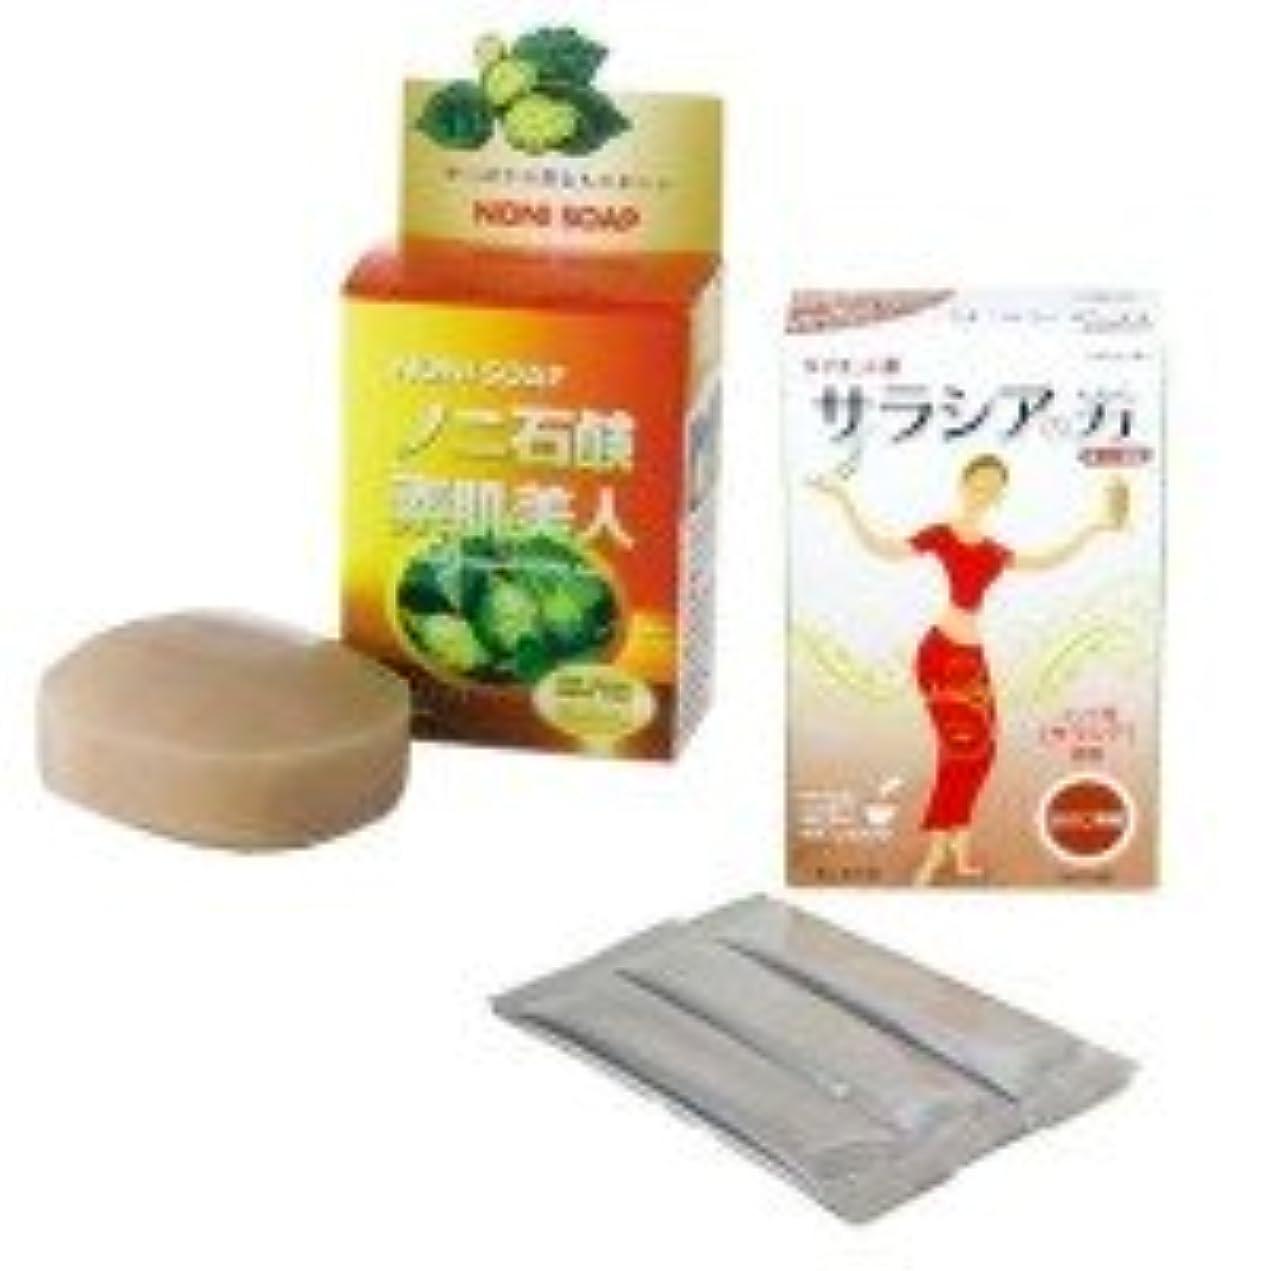 シネマ敬の念コントラストノニ石鹸 素肌美人 100g & サラシアの力 ほうじ茶味 (1g×18包)